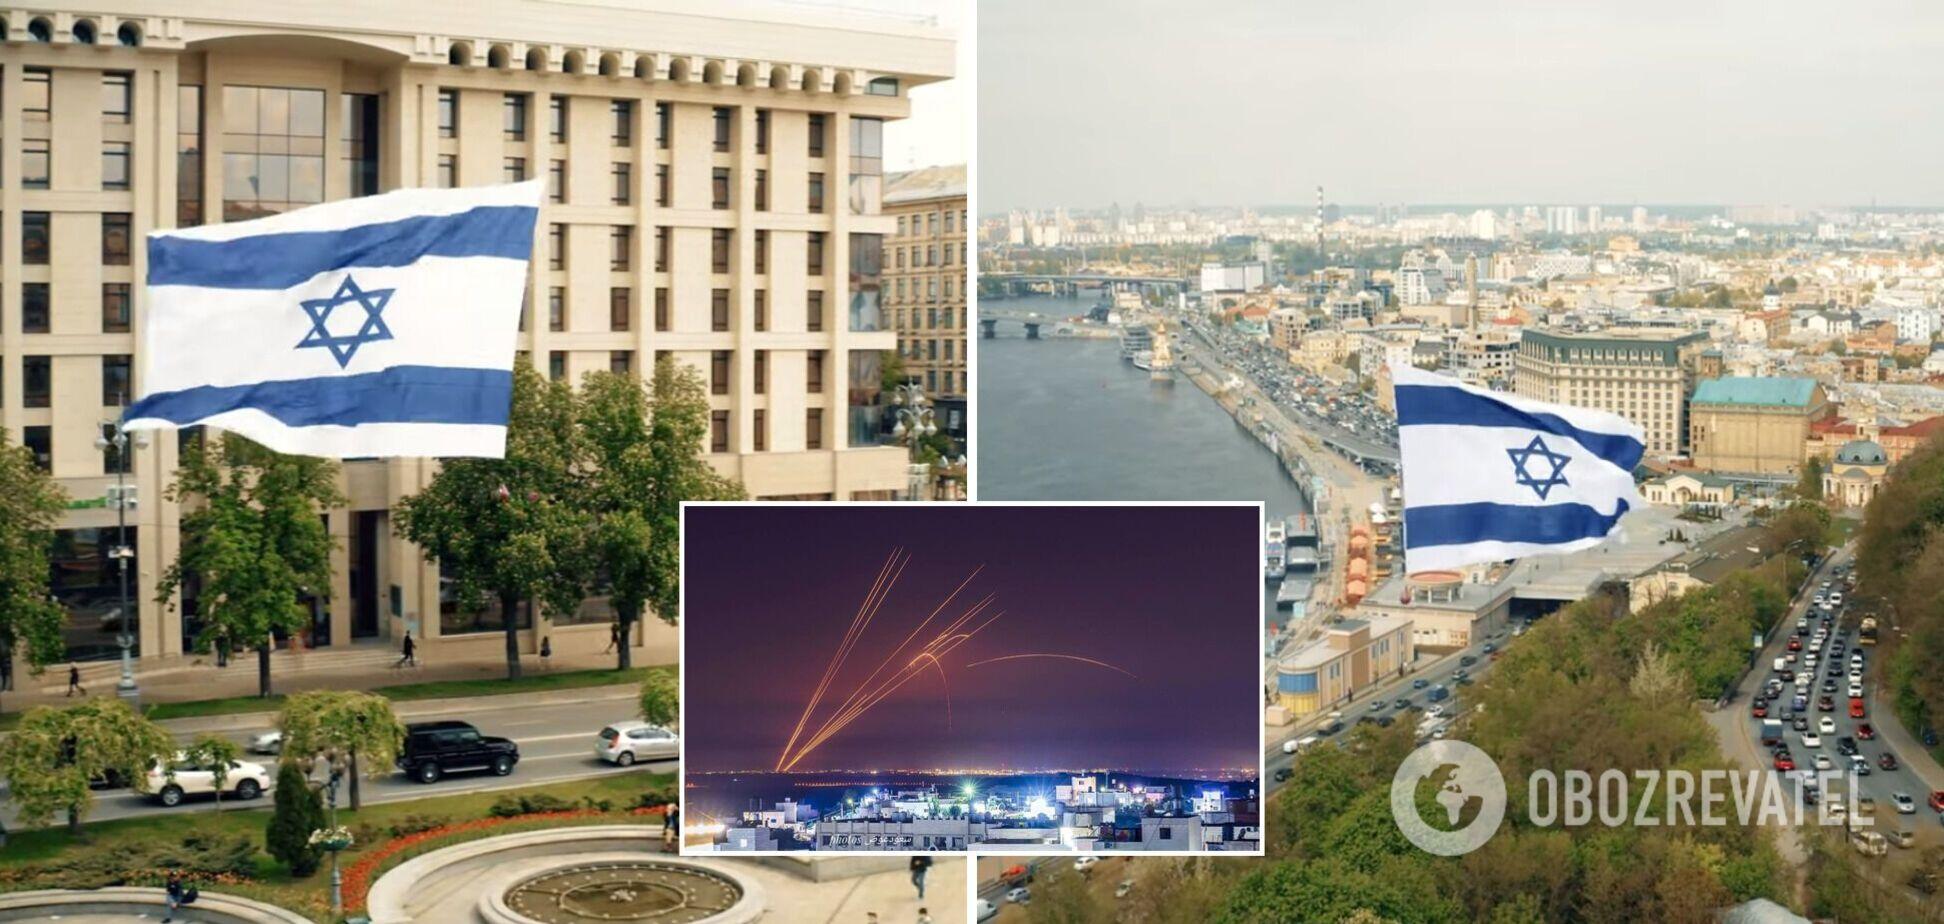 Акція на підтримку Ізраїлю в Києві